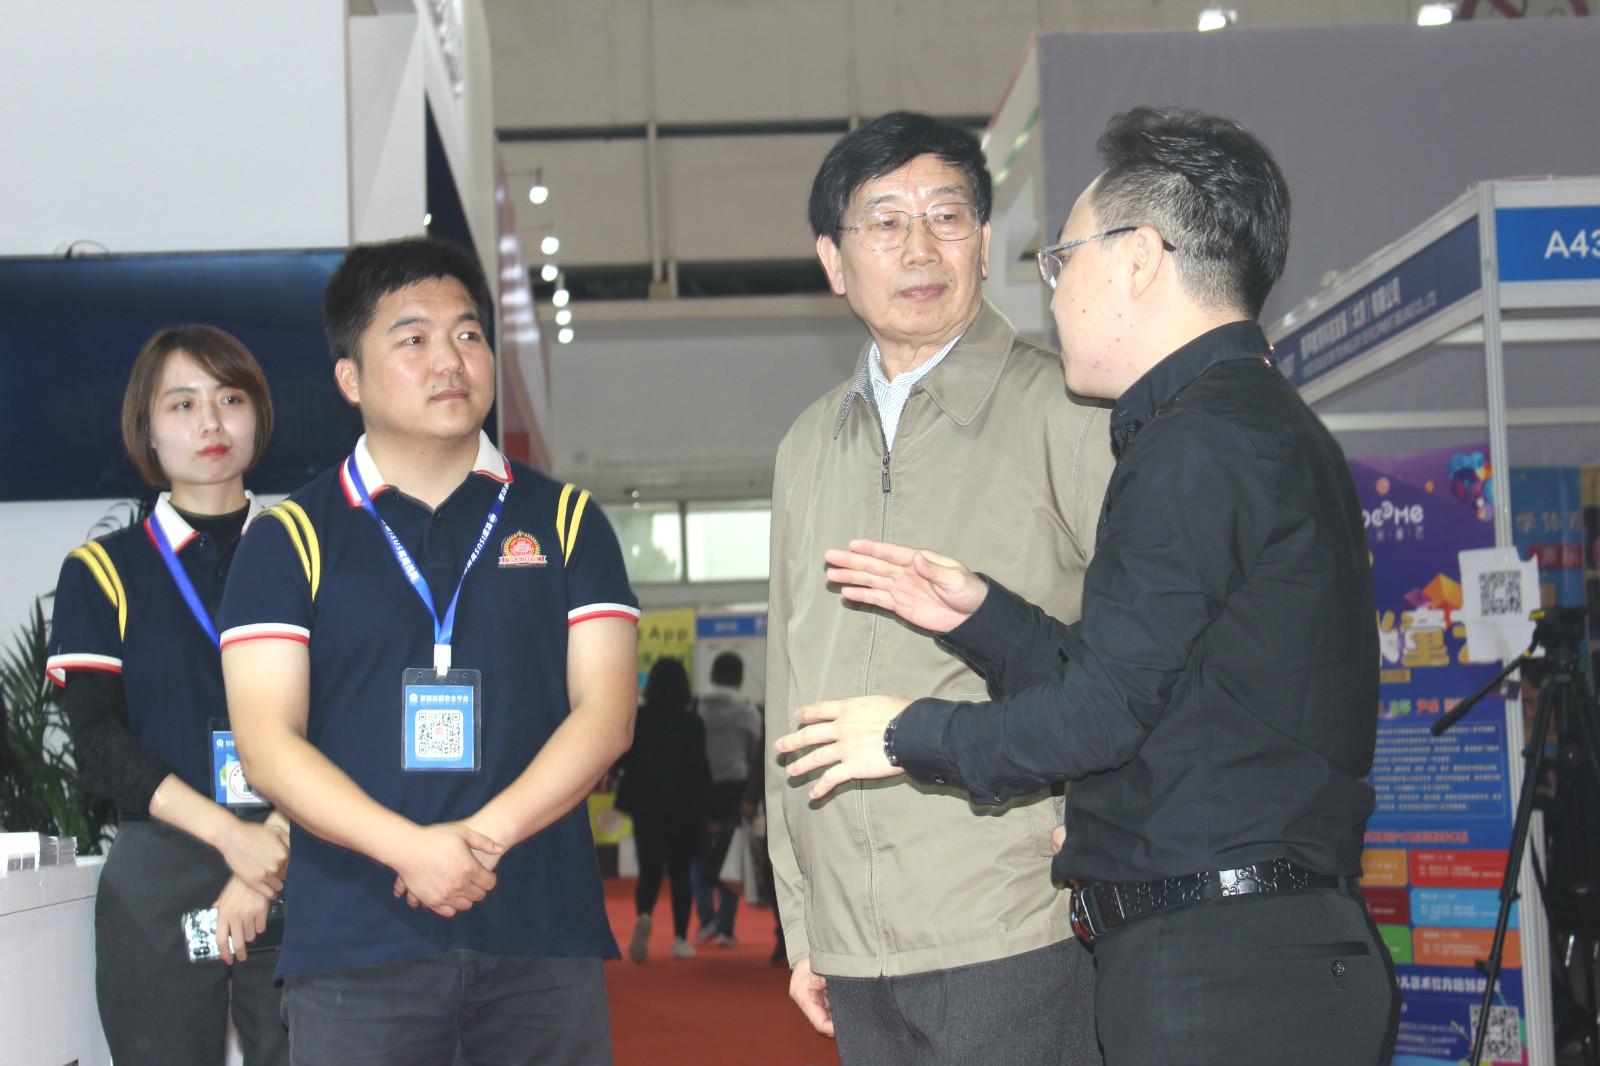 1中国教育科学研究院原党委书记徐长发3_meitu_3.jpg